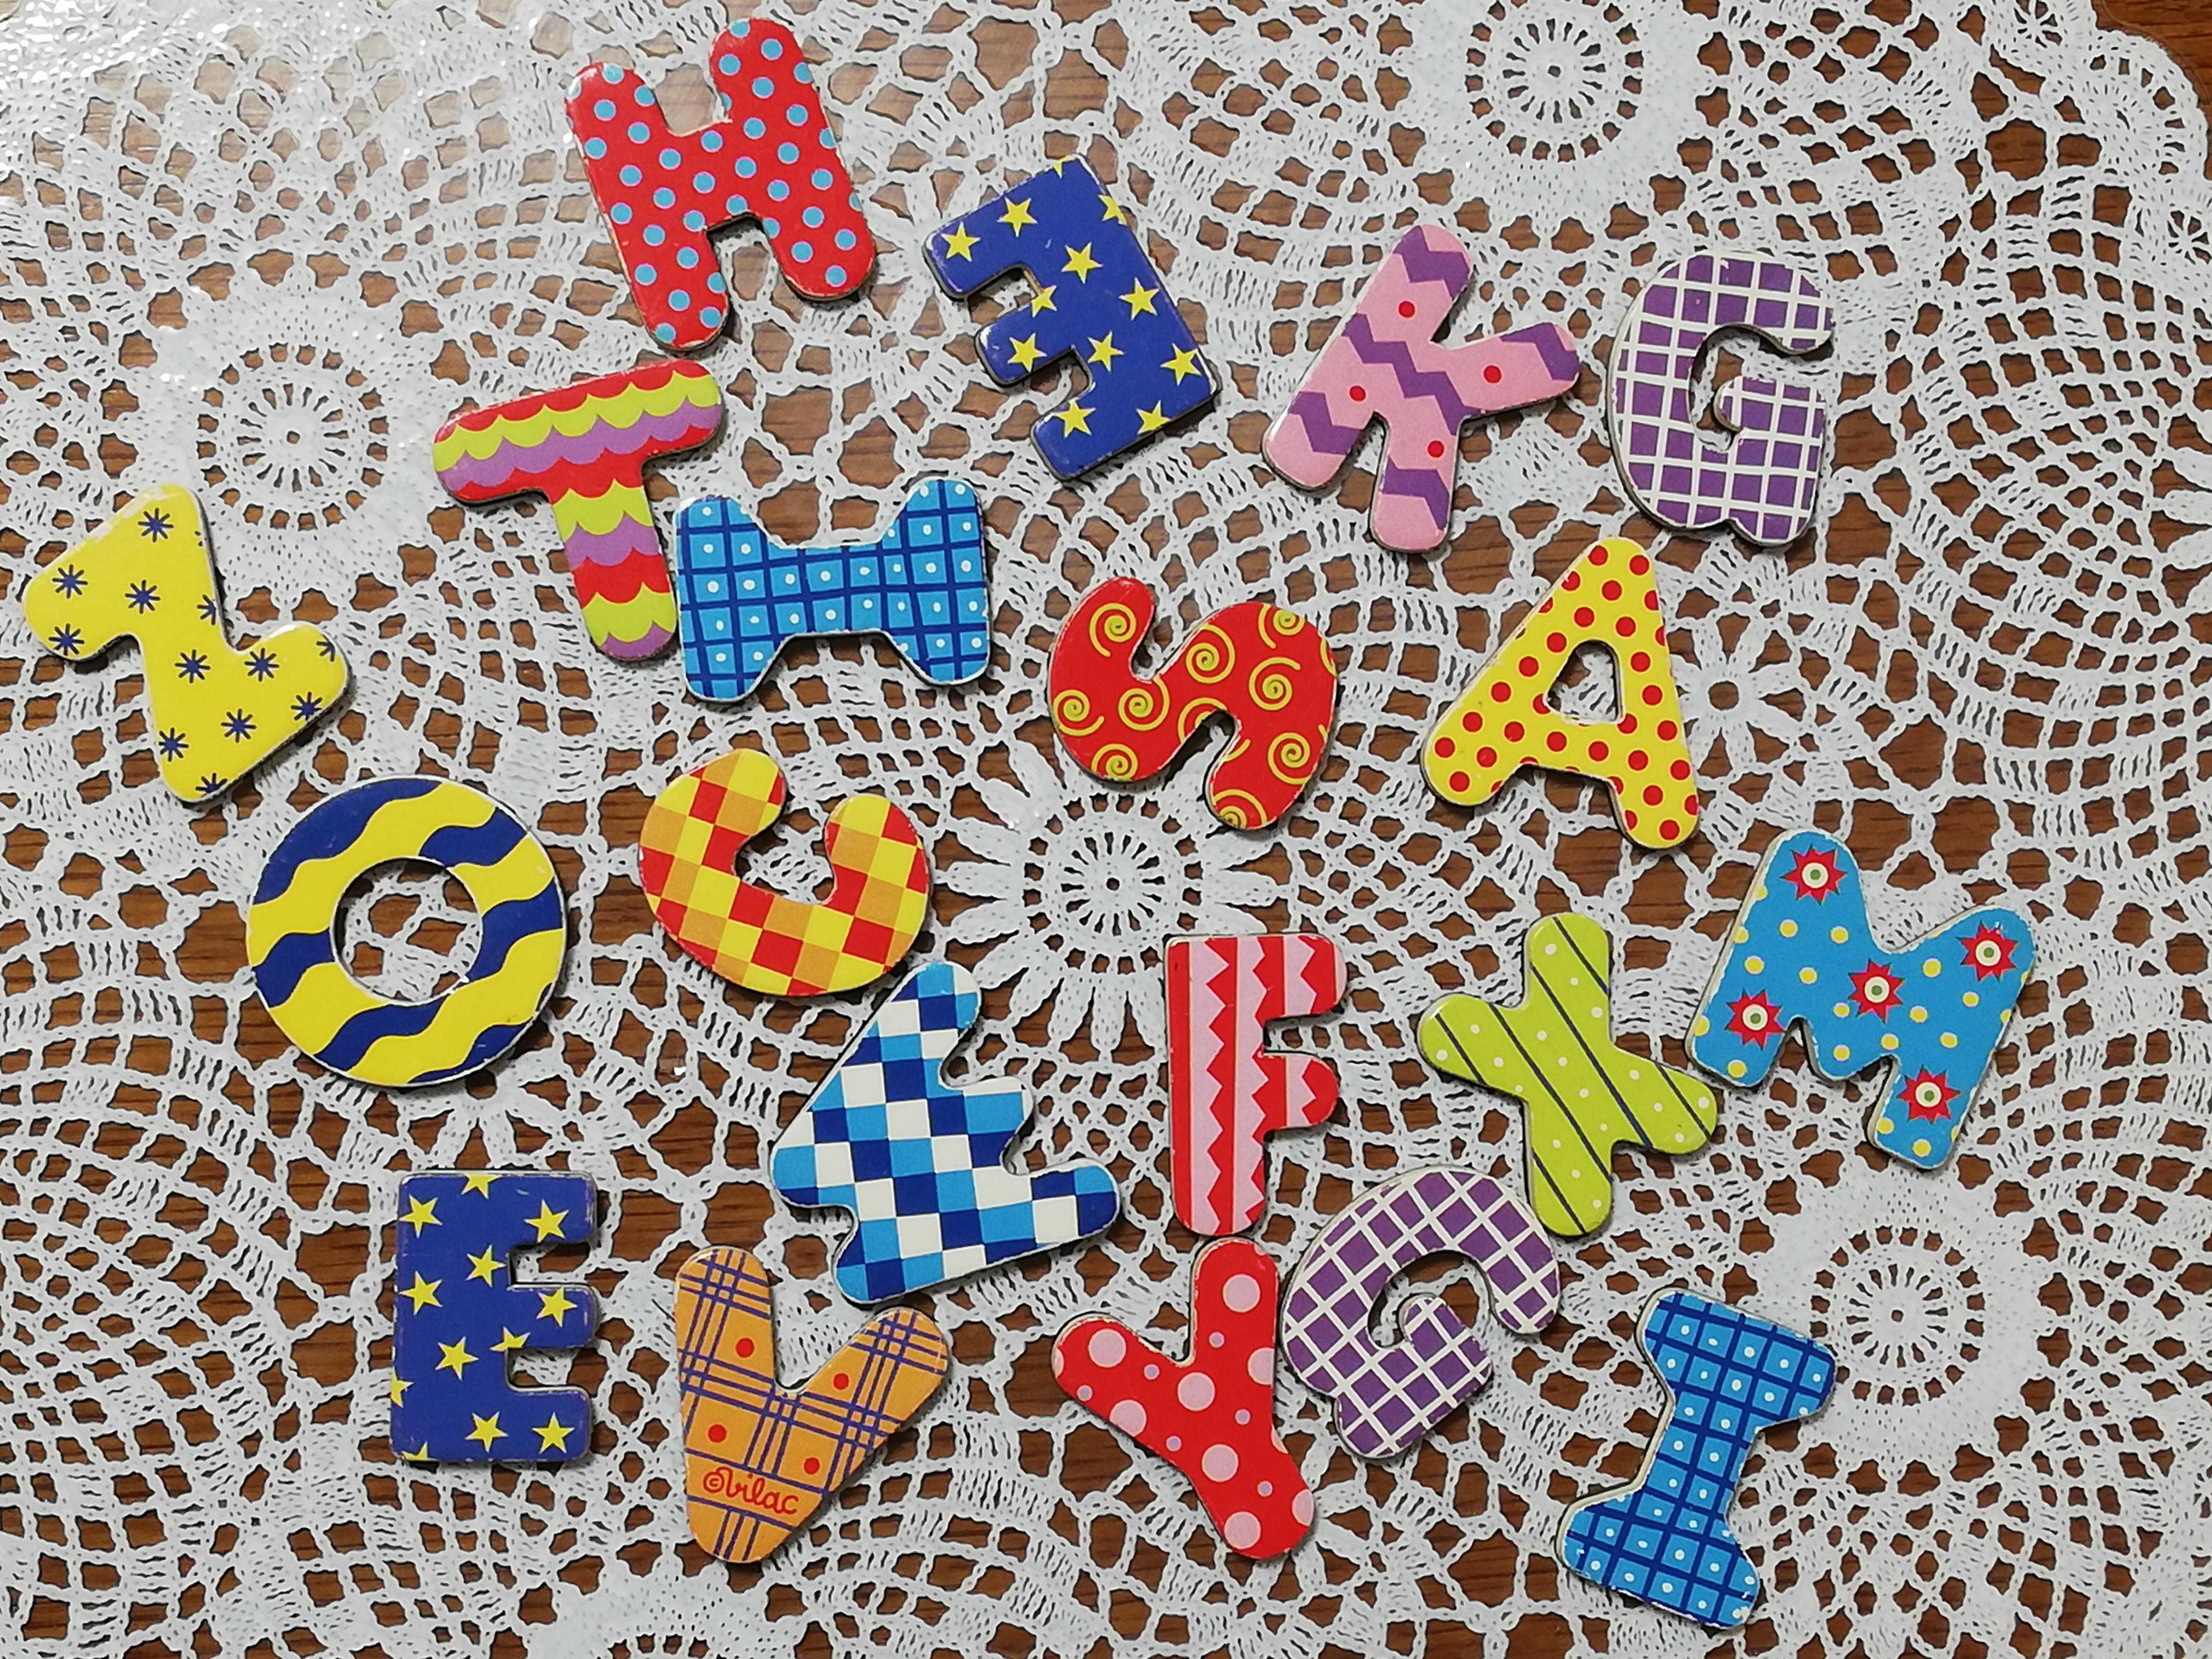 アルファベットのマグネットが並んだ写真です。